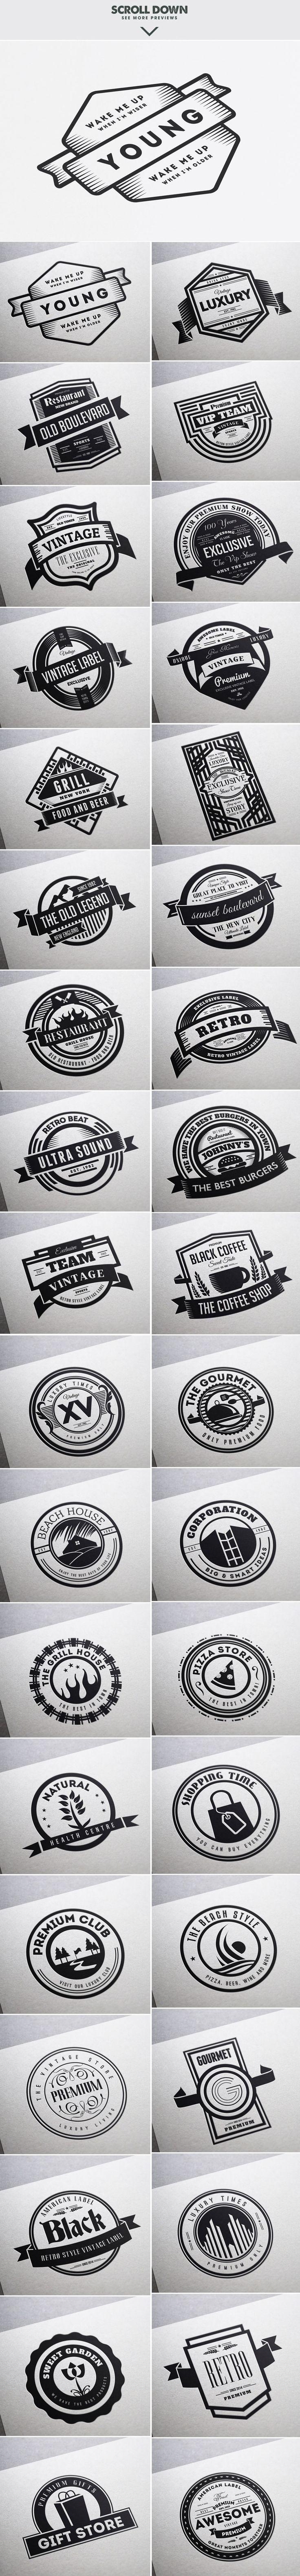 MASSIVE BUNDLE 576 Vintage Logos by DesignDistrict on @creativemarket